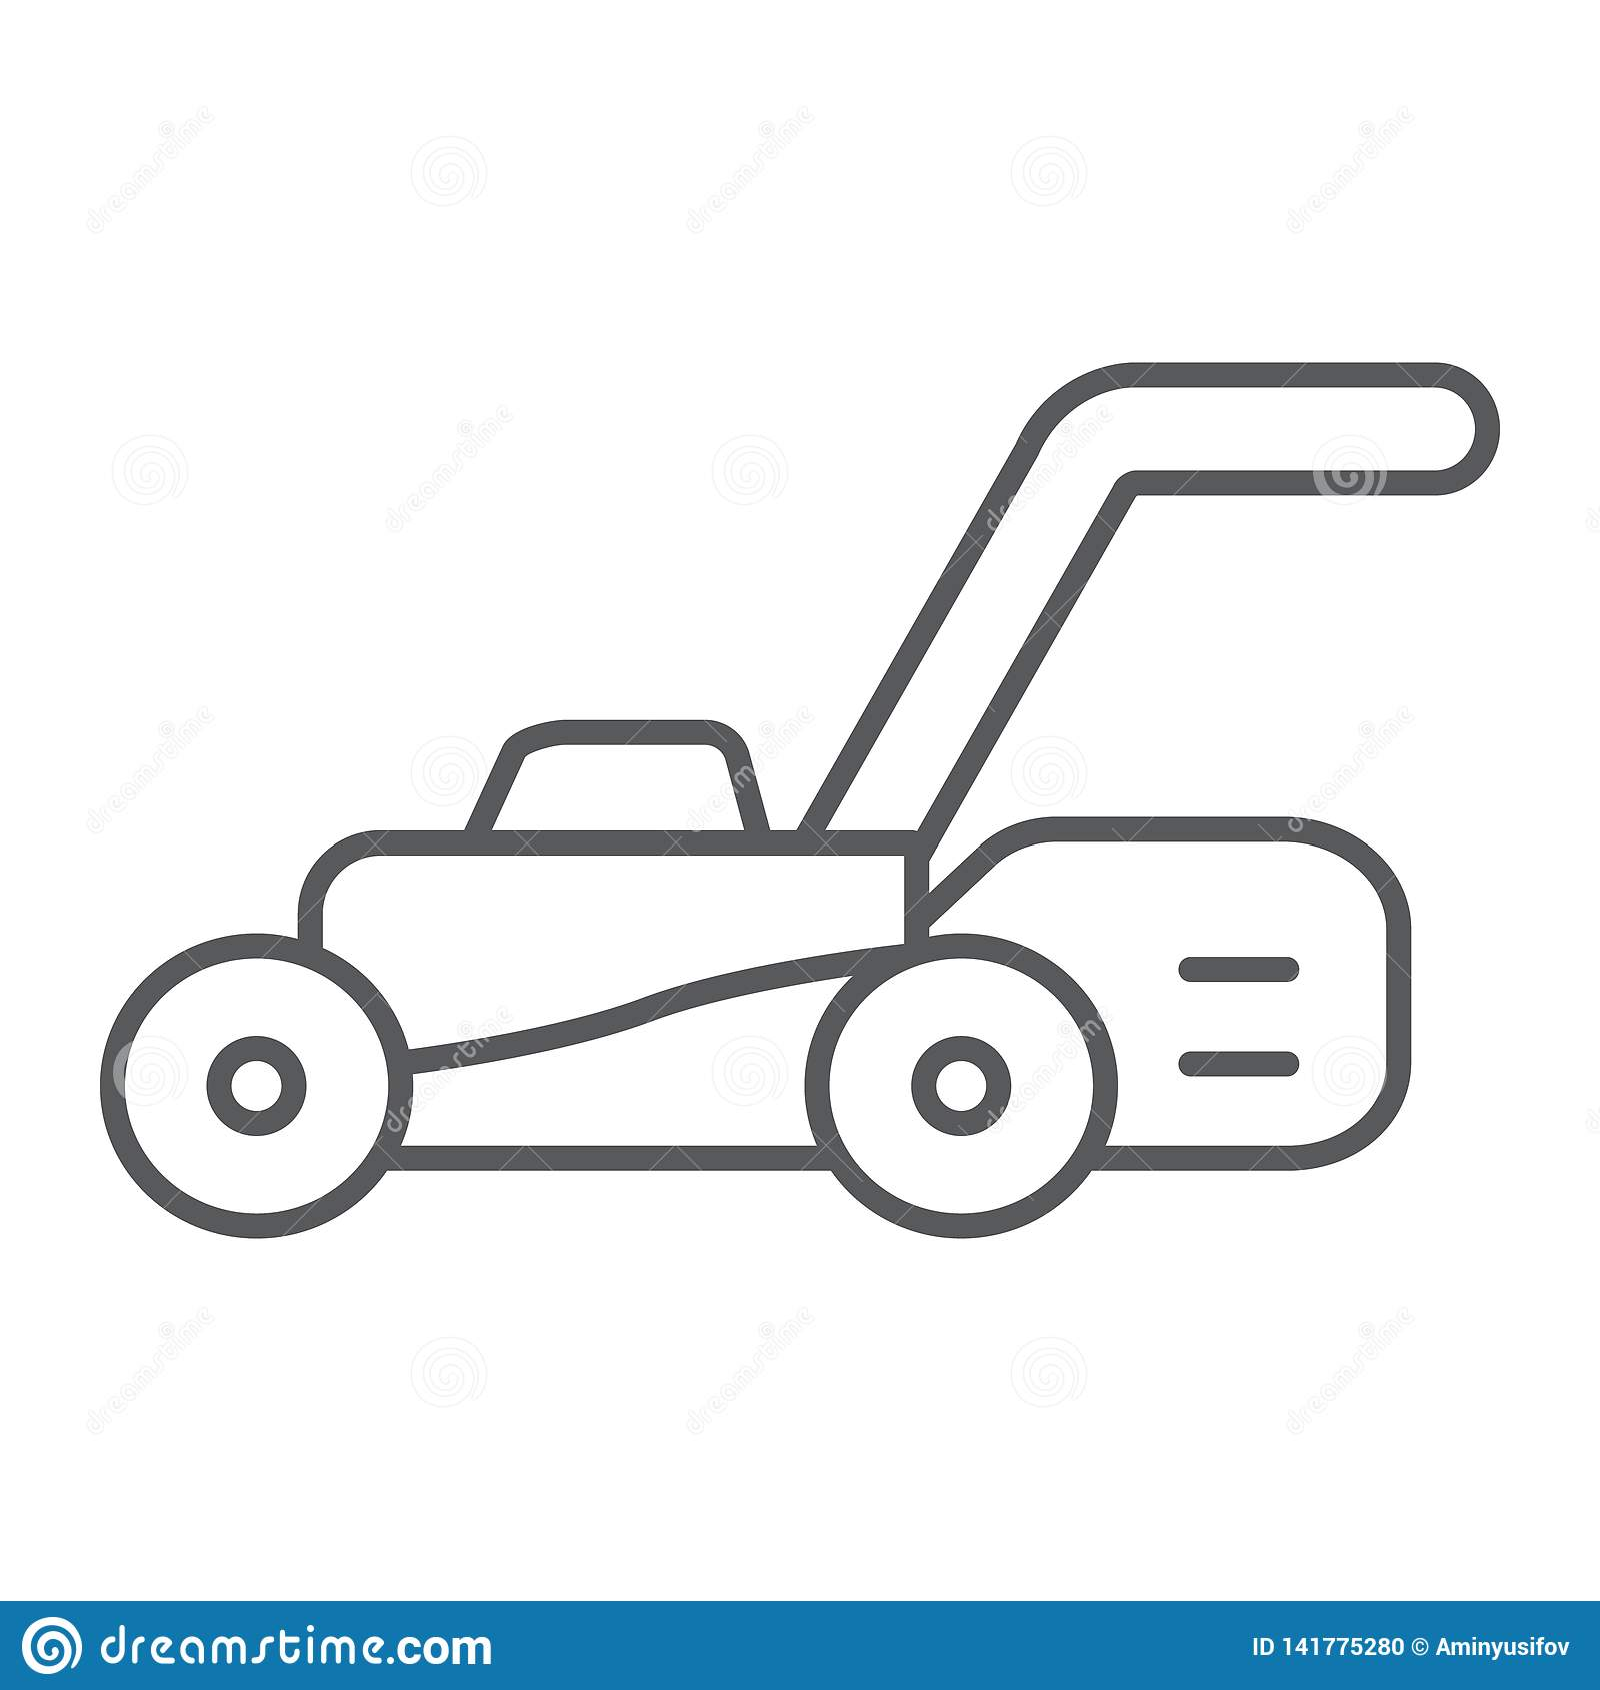 Linea sottile icona del motore del prato inglese, attrezzatura e giardino, segno della taglierina, grafica vettoriale, un modello